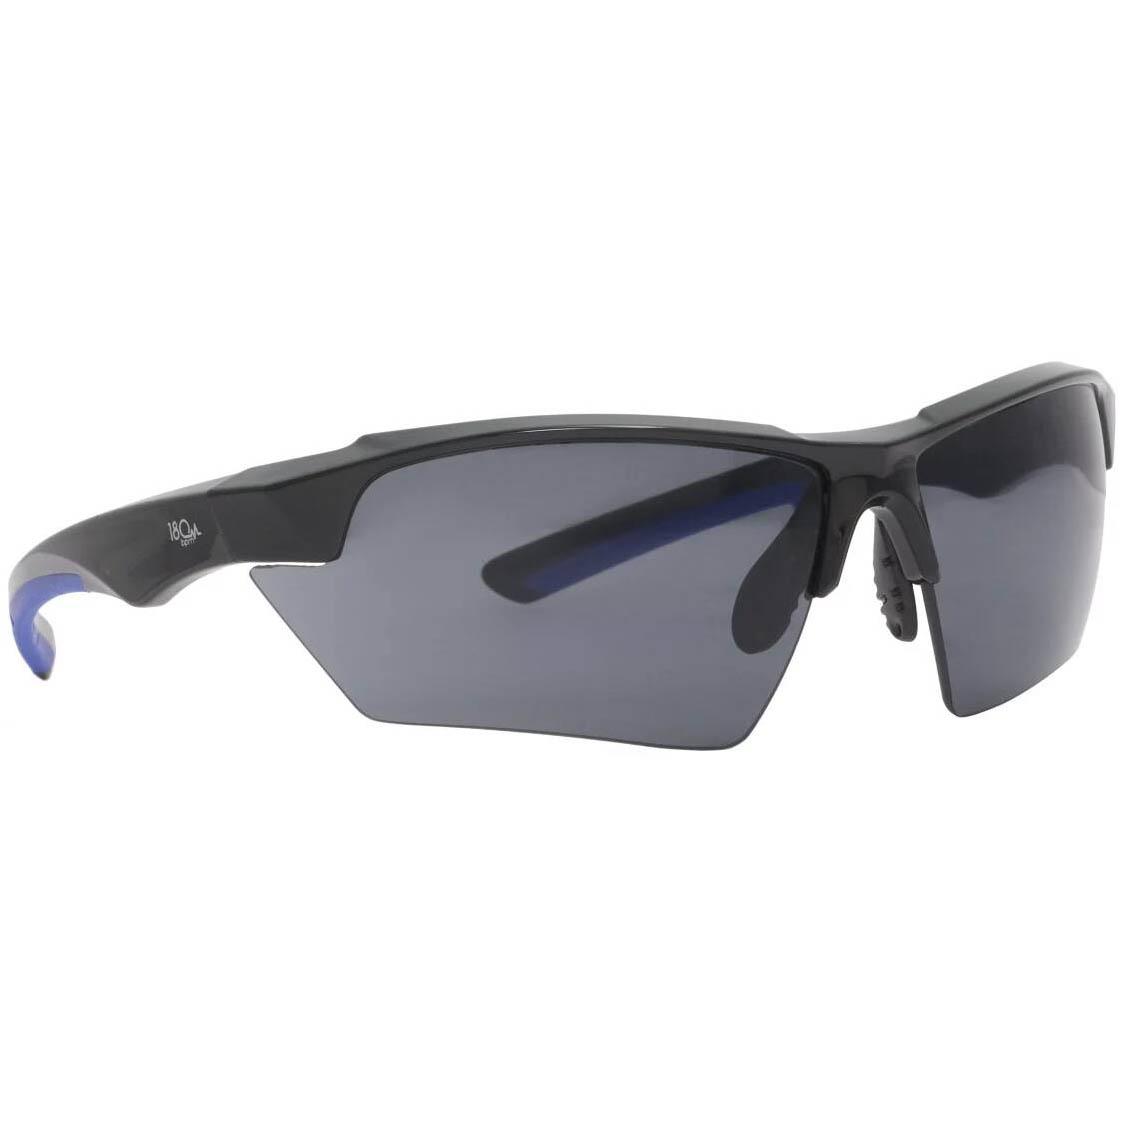 180 Bpm Multisport Glasses